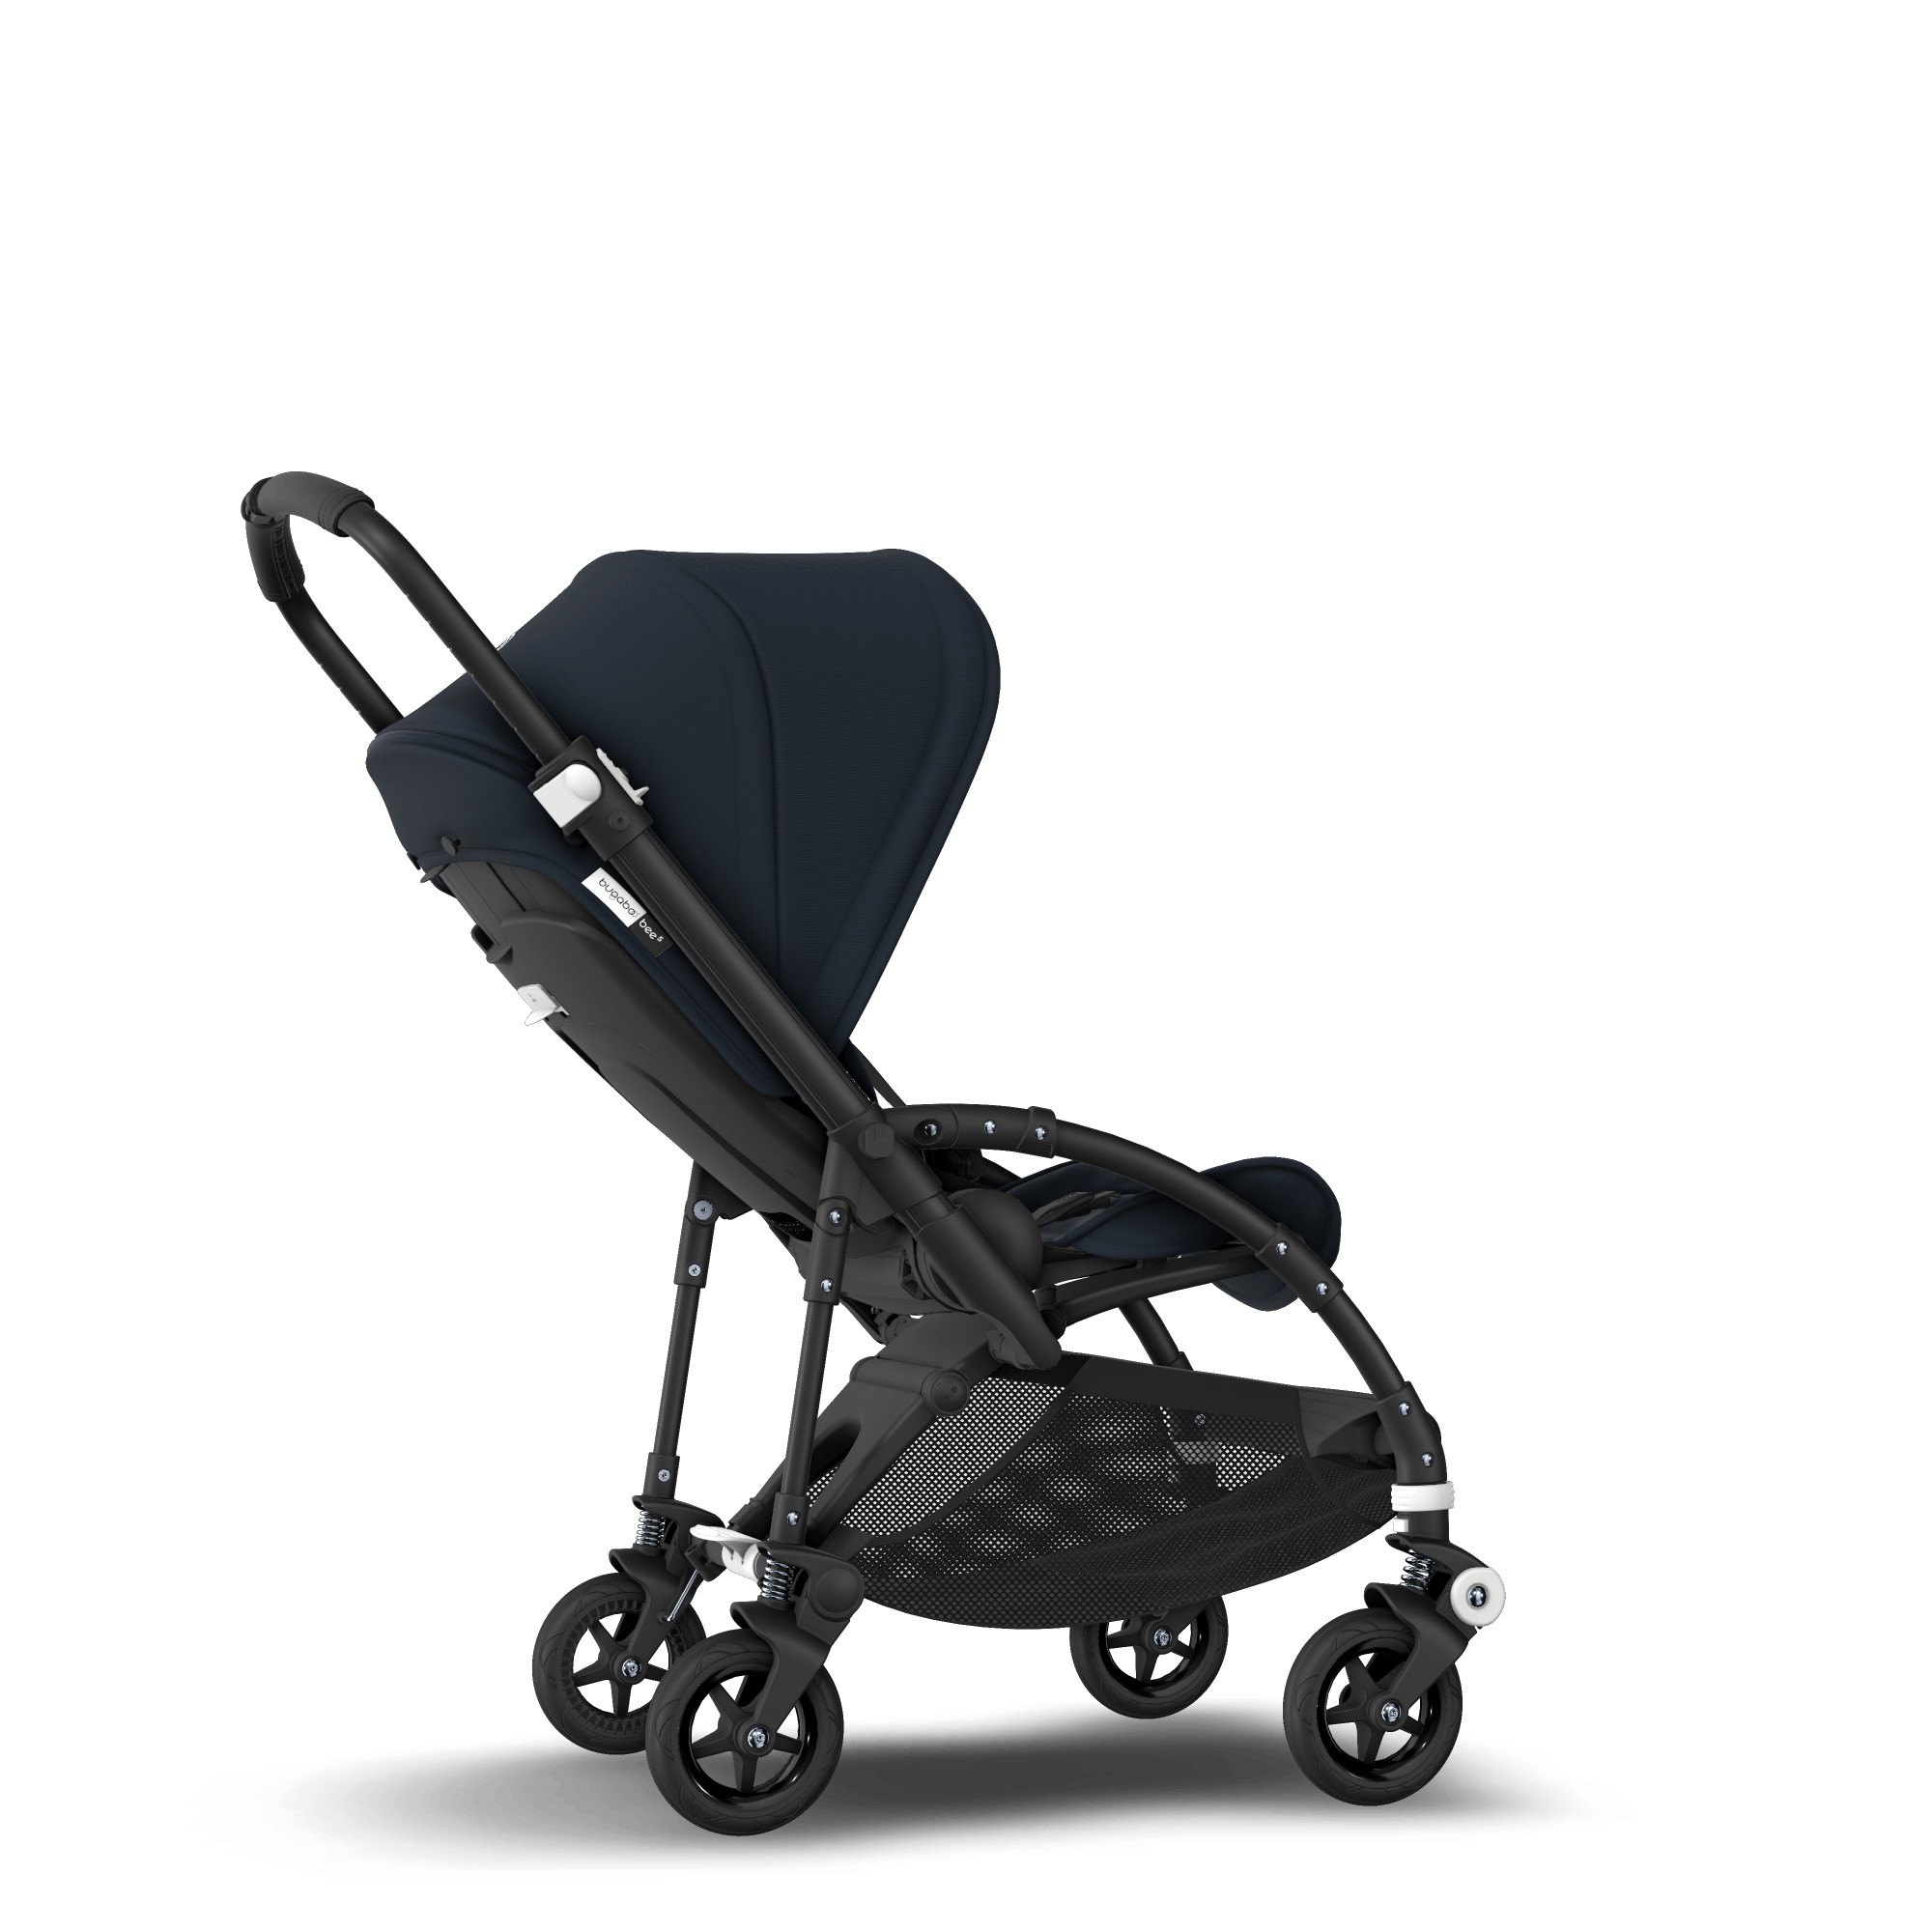 impermeabili Nero in tela 5 coperture per il manubrio del passeggino